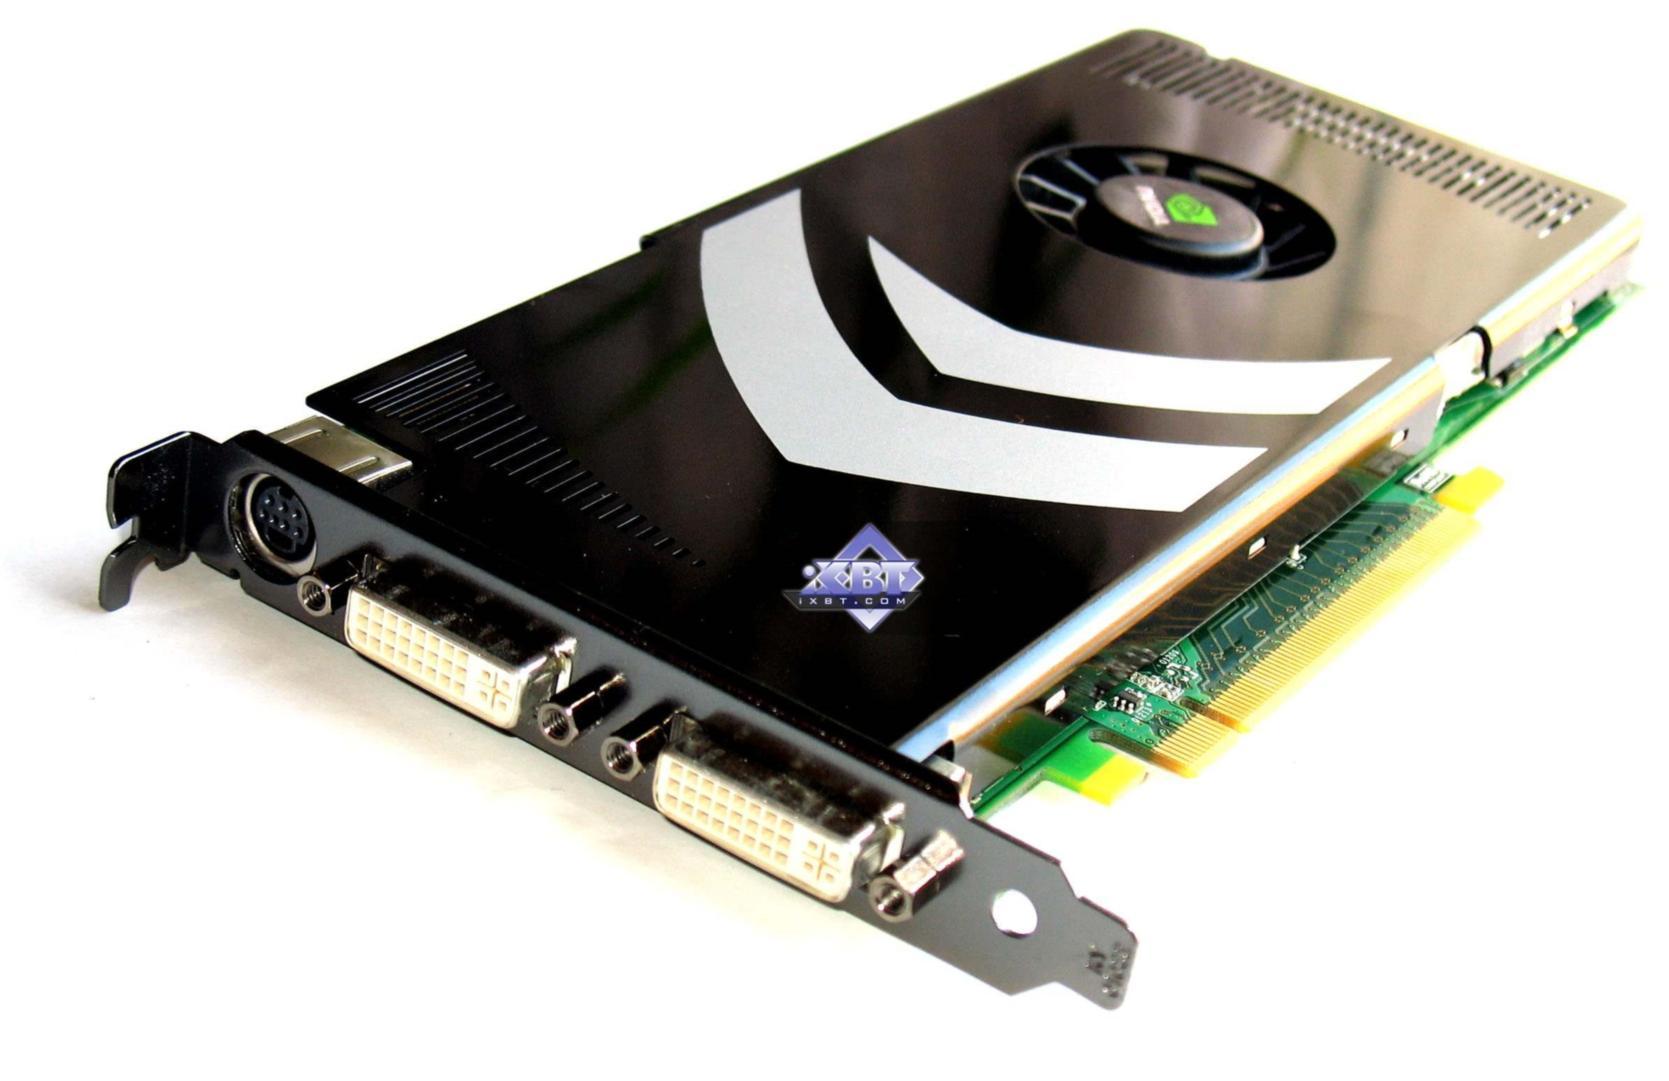 б/у Видеокарта PCI-E DDR3 512Mb 256bit NVIDIA® GeForce 9800GT ( Гарантия 3 мес. )